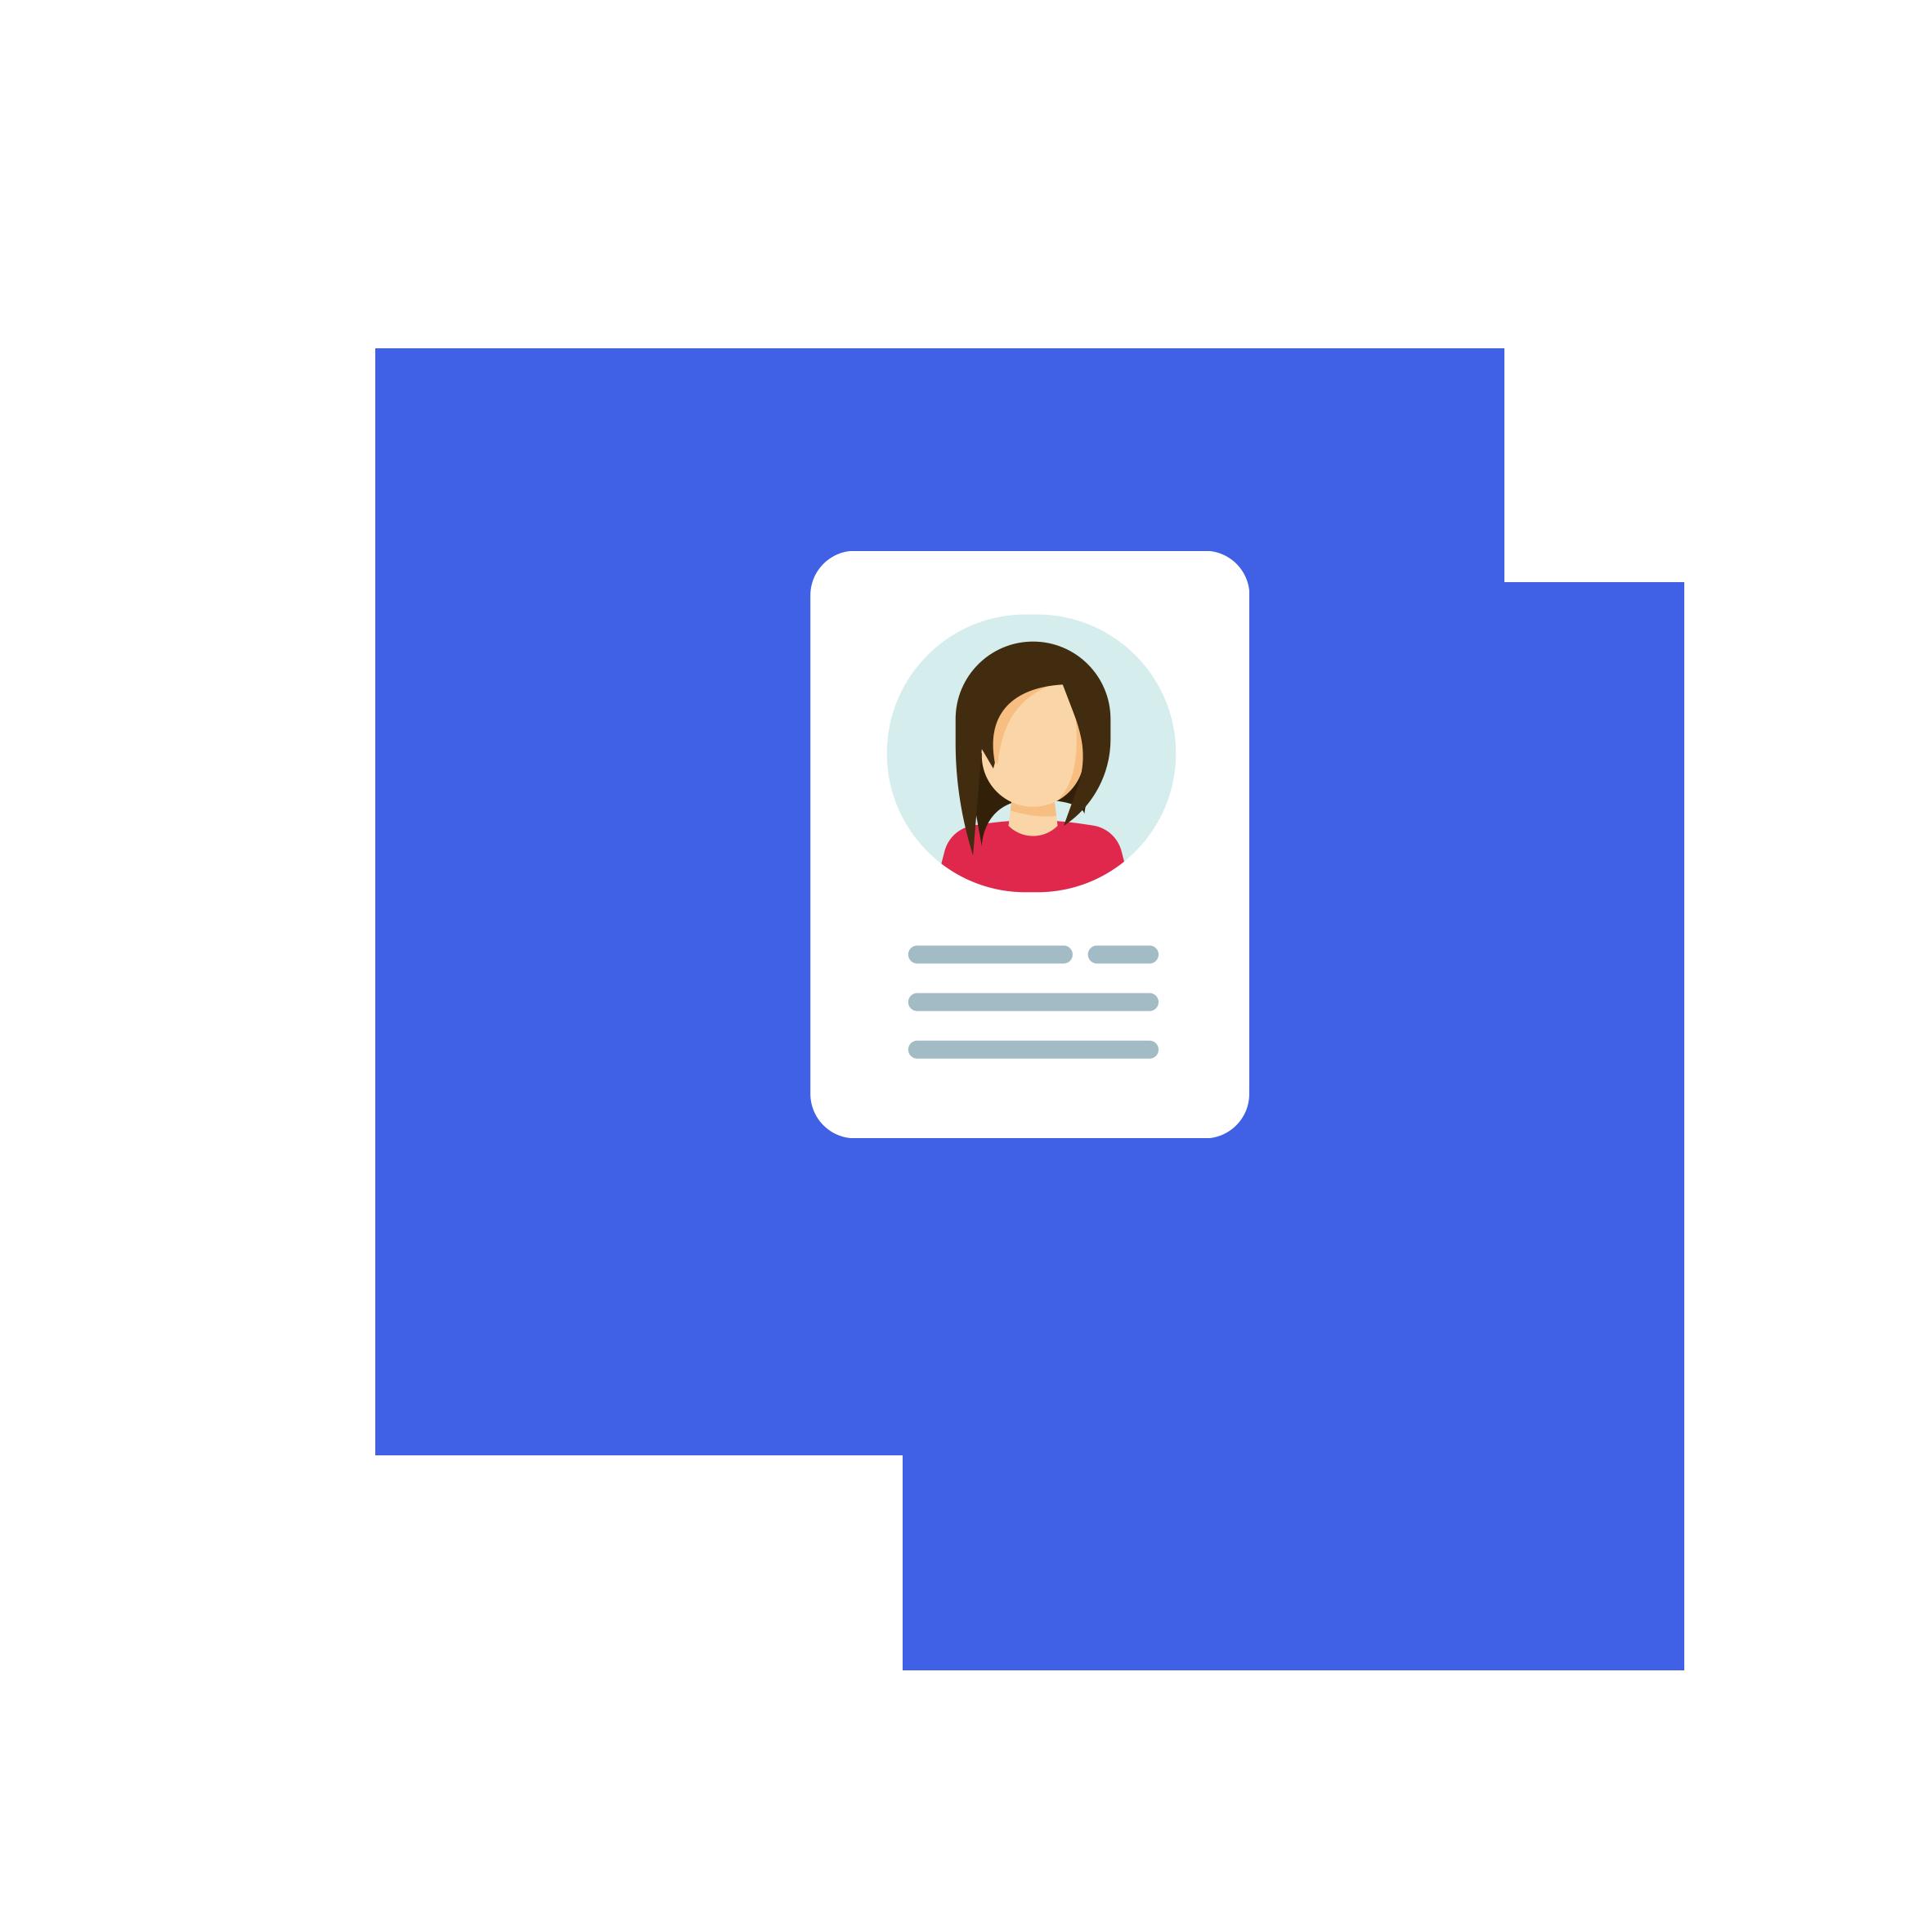 ikon som viser en brukerprofil